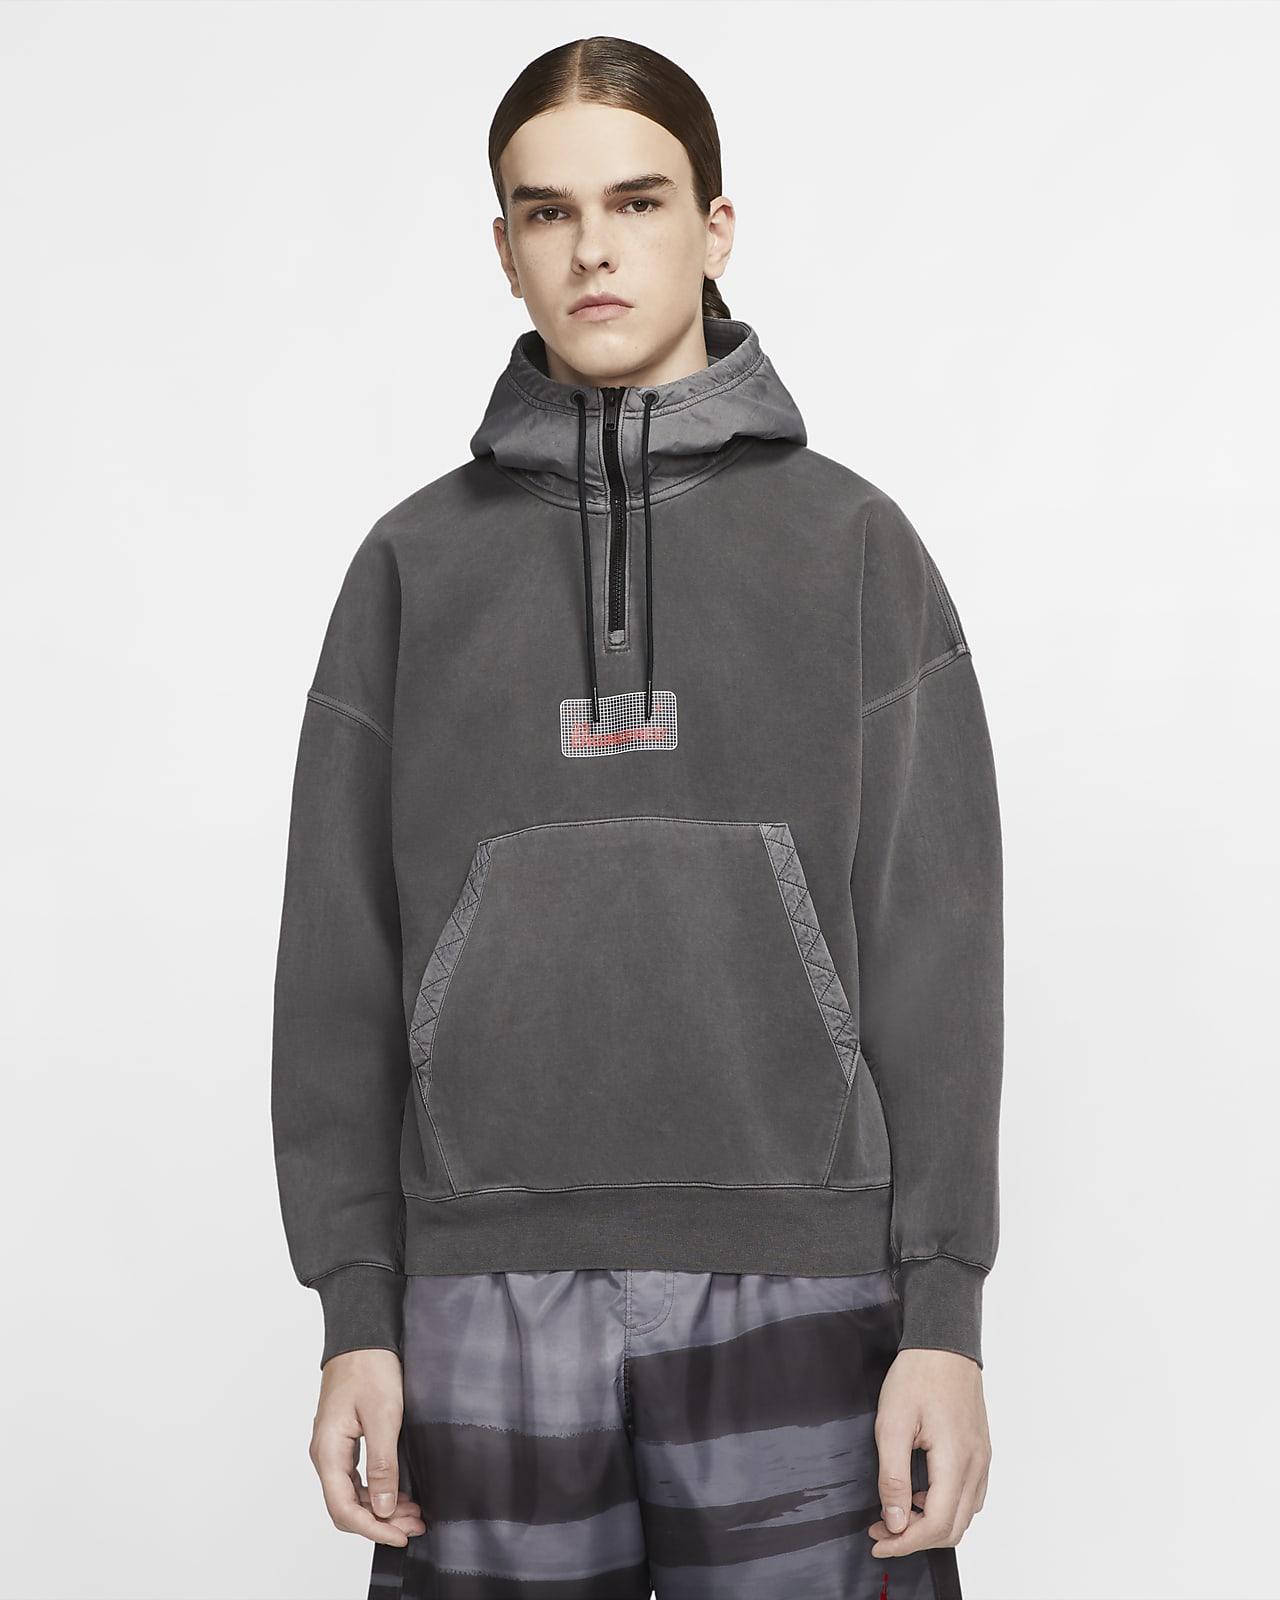 Sudadera con capucha de tejido Fleece para hombre Jordan 23 Engineered